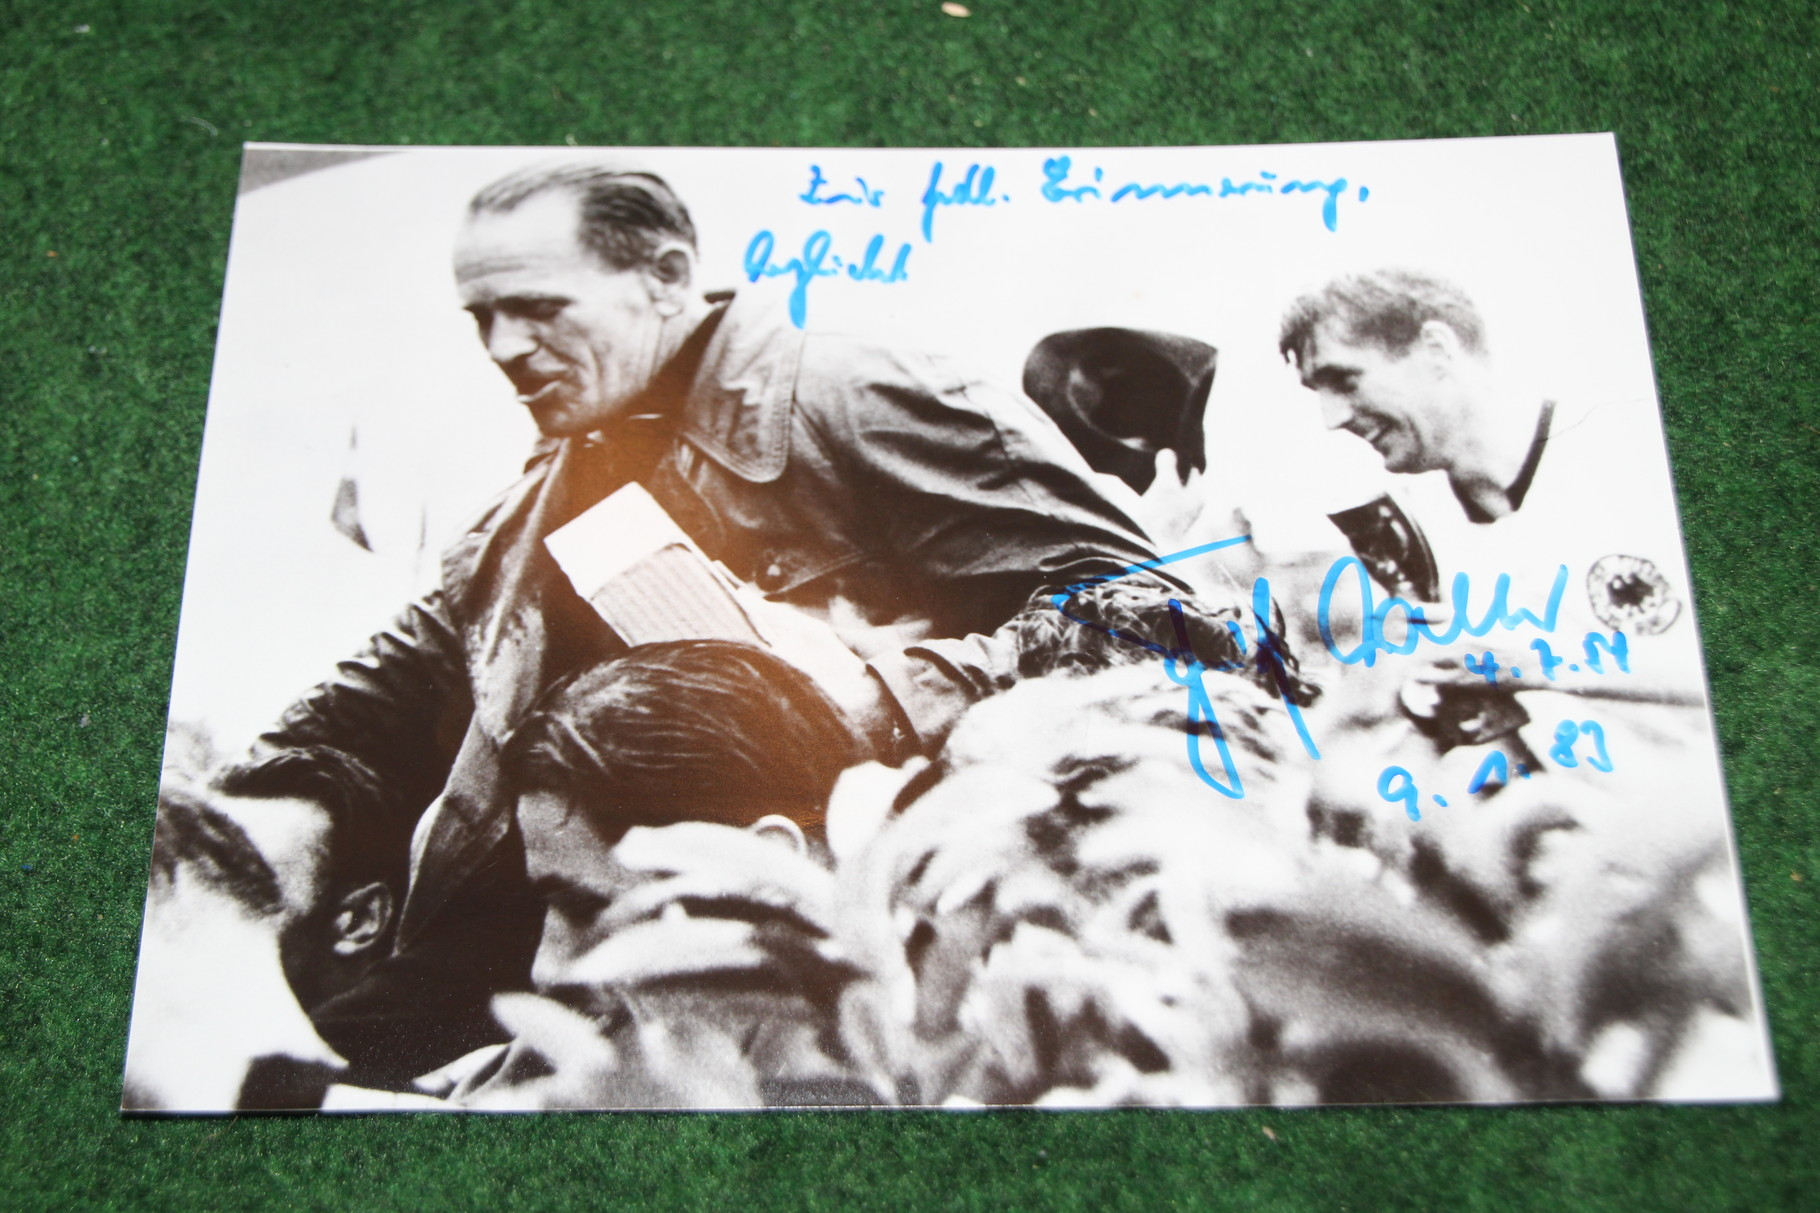 Original Foto von der WM Feier 1954 mit den Unterschriften von Walter und Herberger.